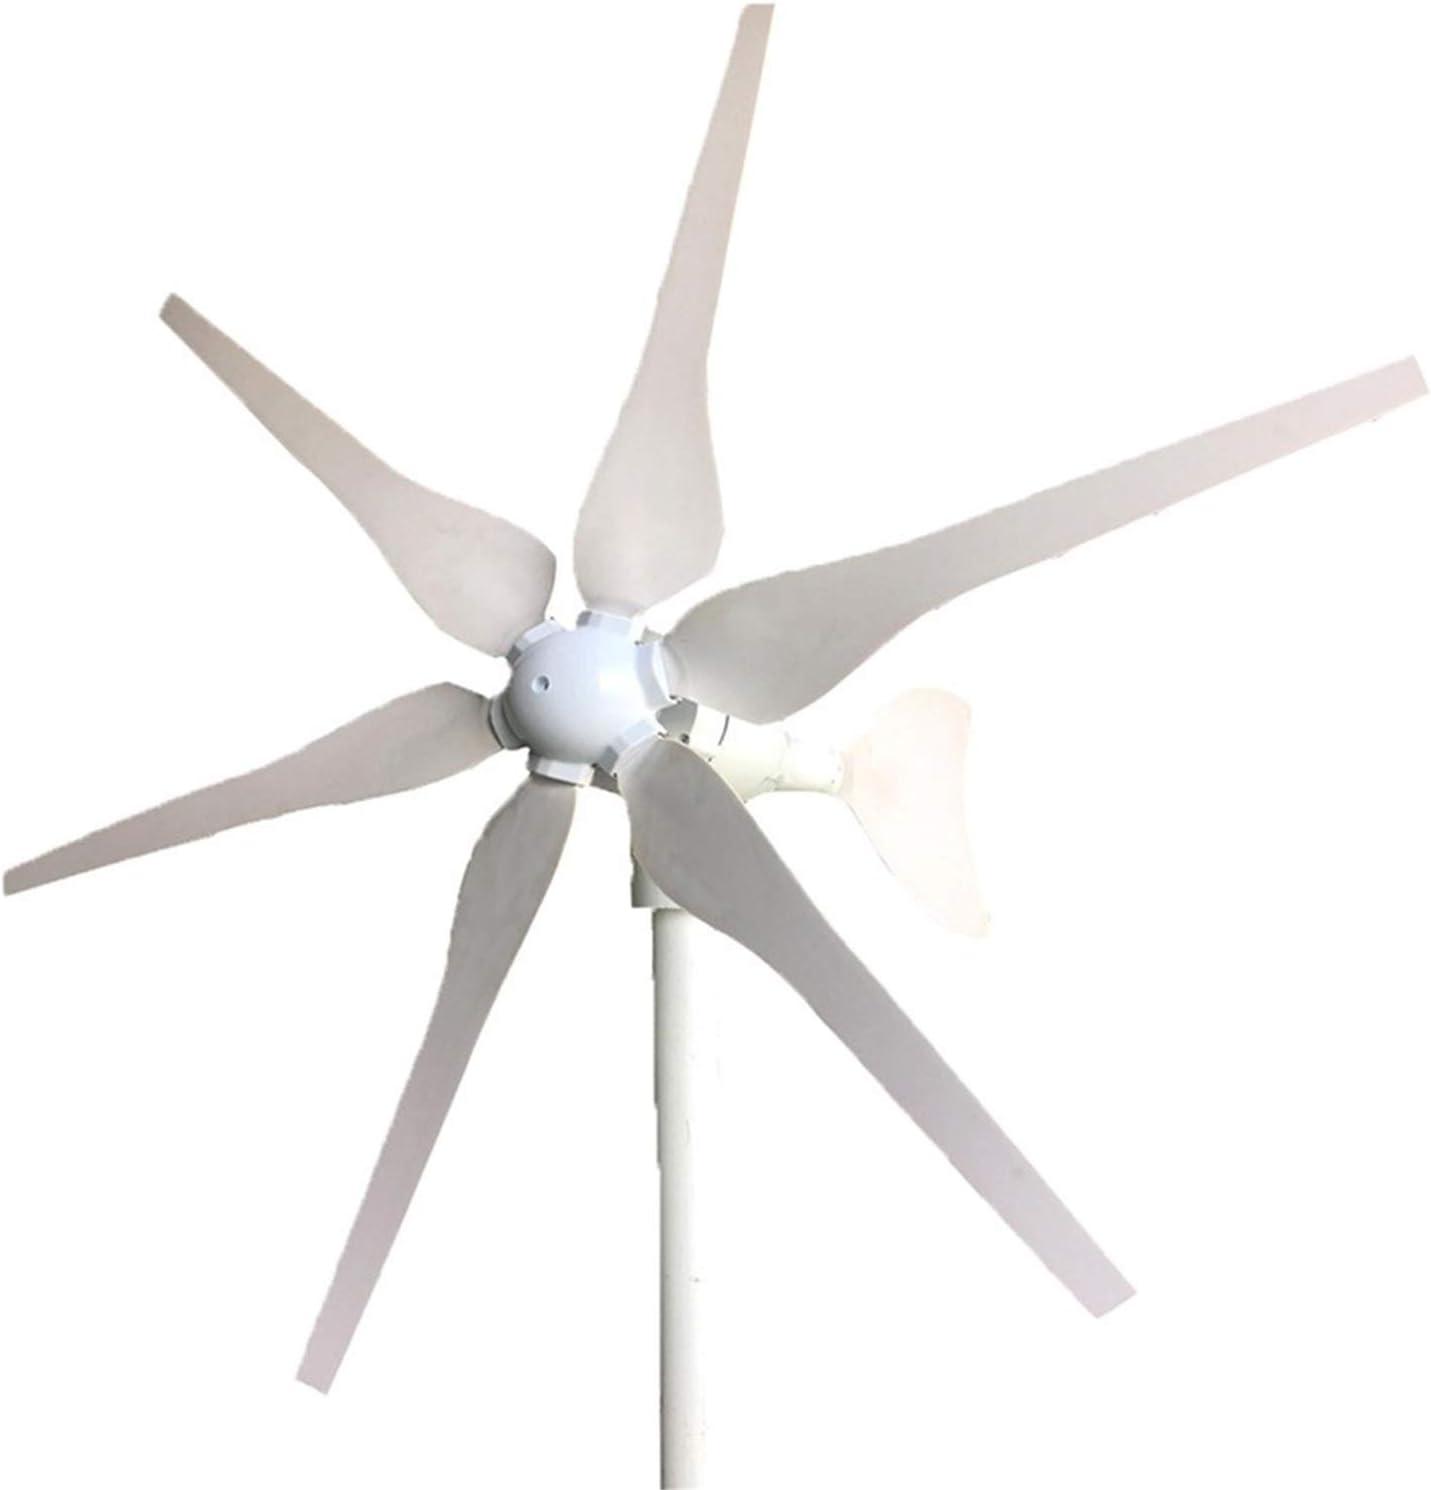 WJSWA Aerogenerador, Turbina Uso doméstico Pequeño Viento 12V 24V 400W 6 Cuchillas Residencial Jardín generador de Viento